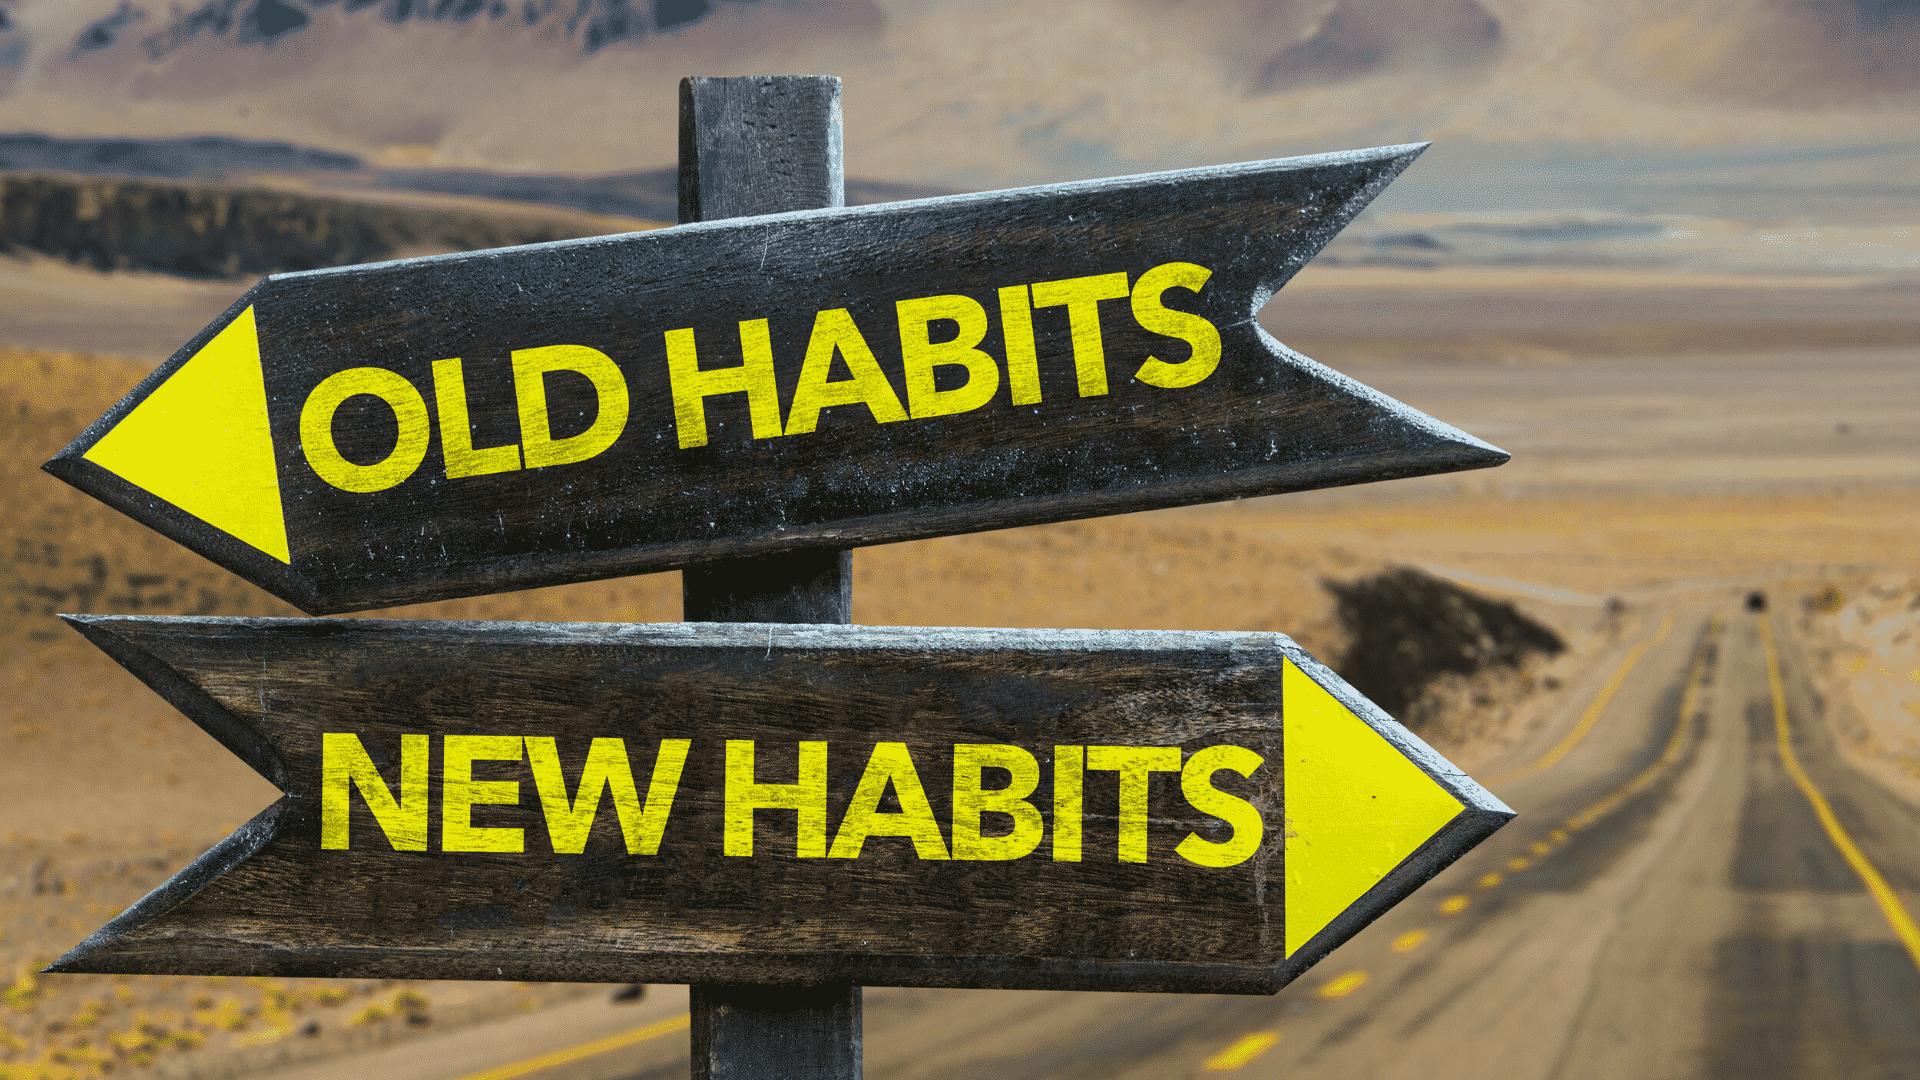 Endring av vaner – Hvordan skal du klare å forandre deg?